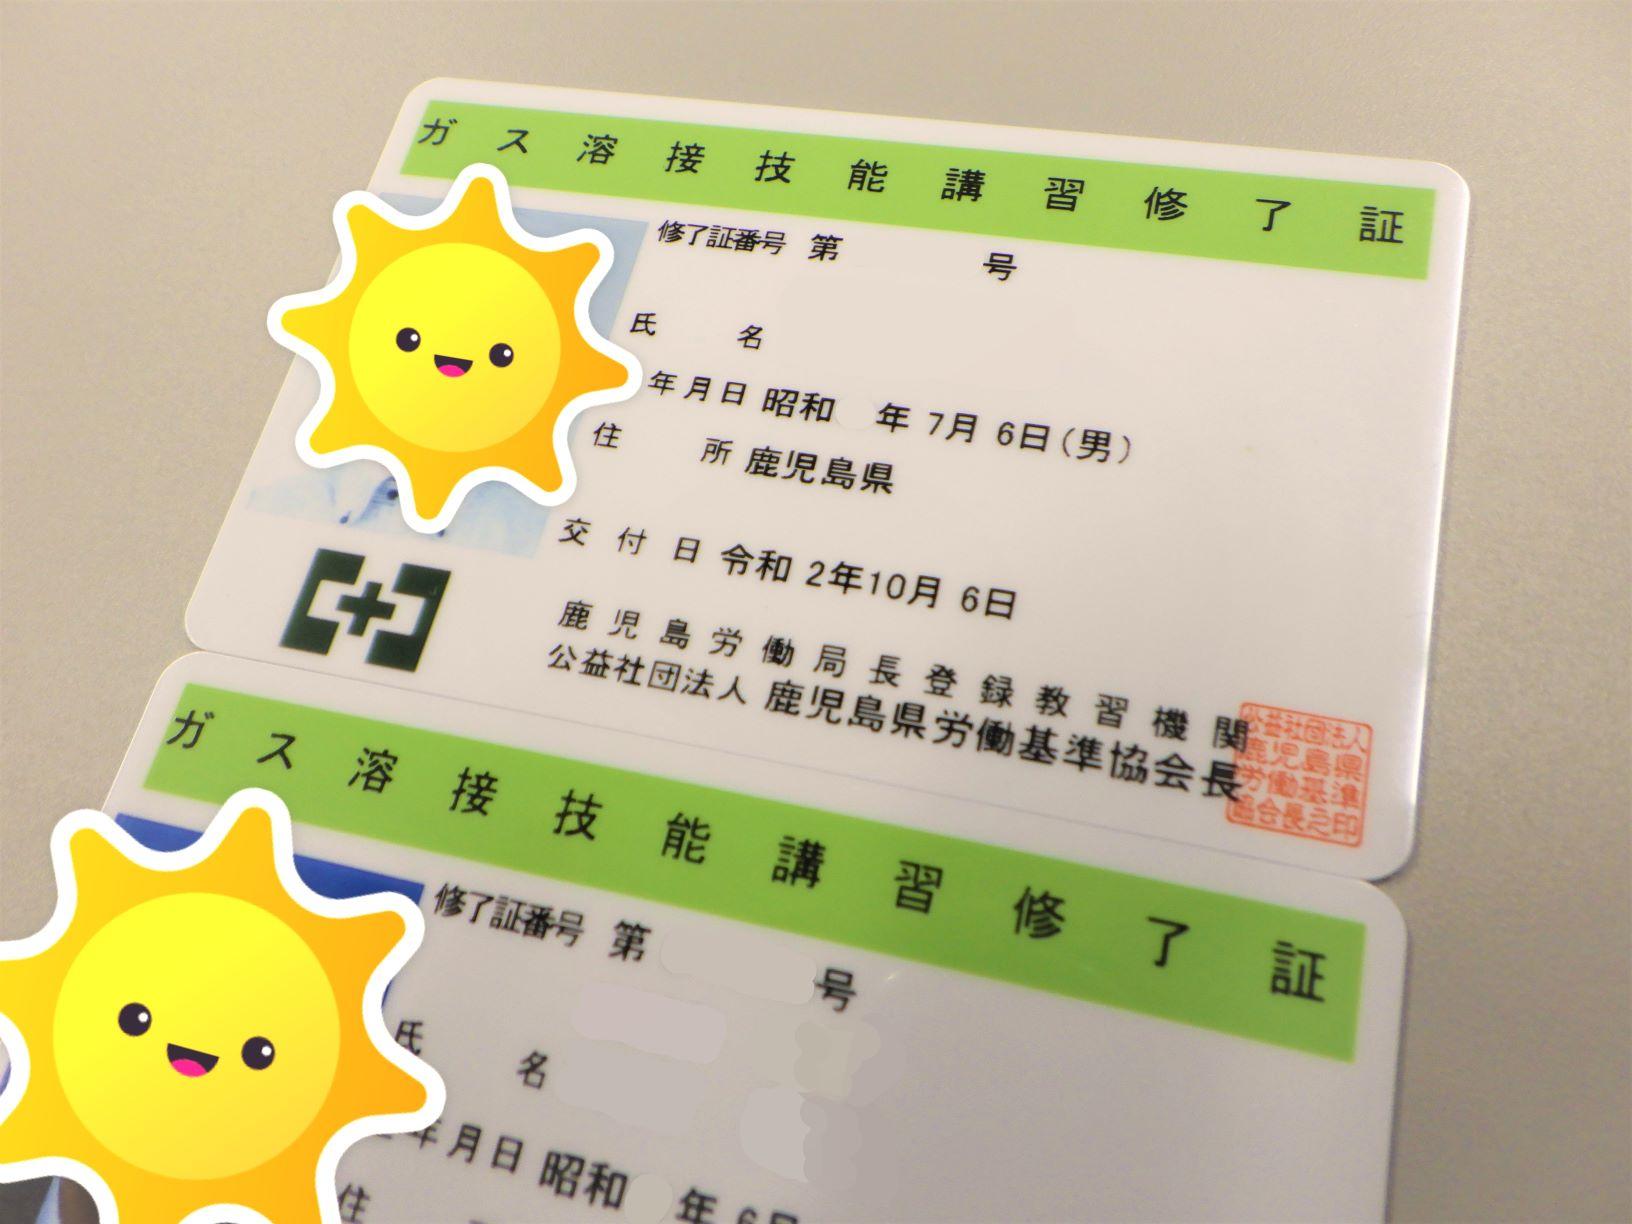 カードタイプの講習修了証をもらいました